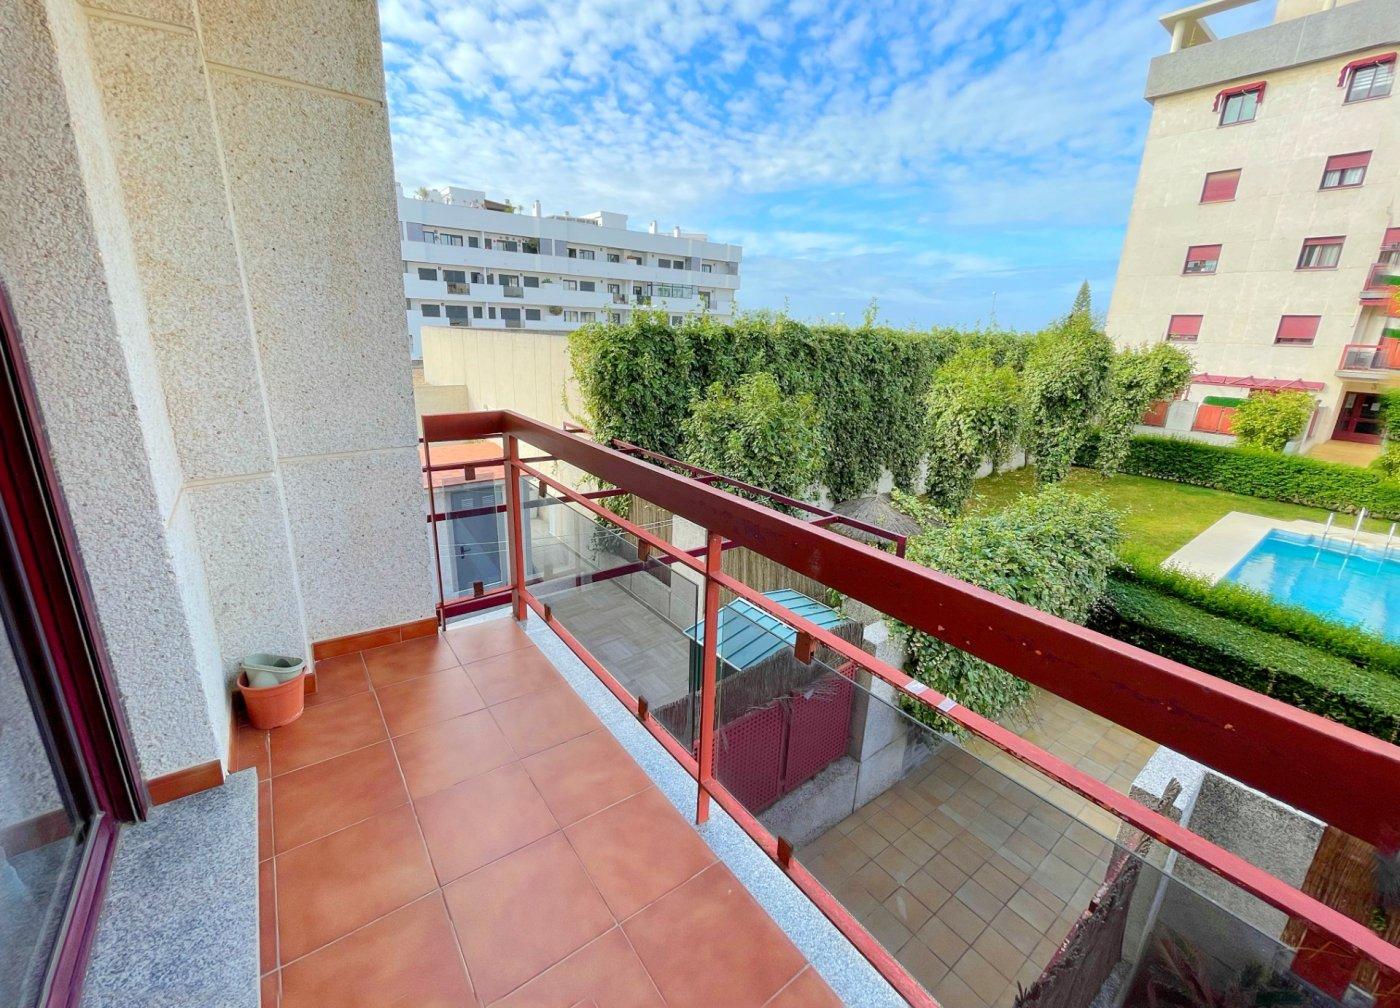 piso en el-puerto-de-santa-maria · ctra-de-sanlucar 175000€